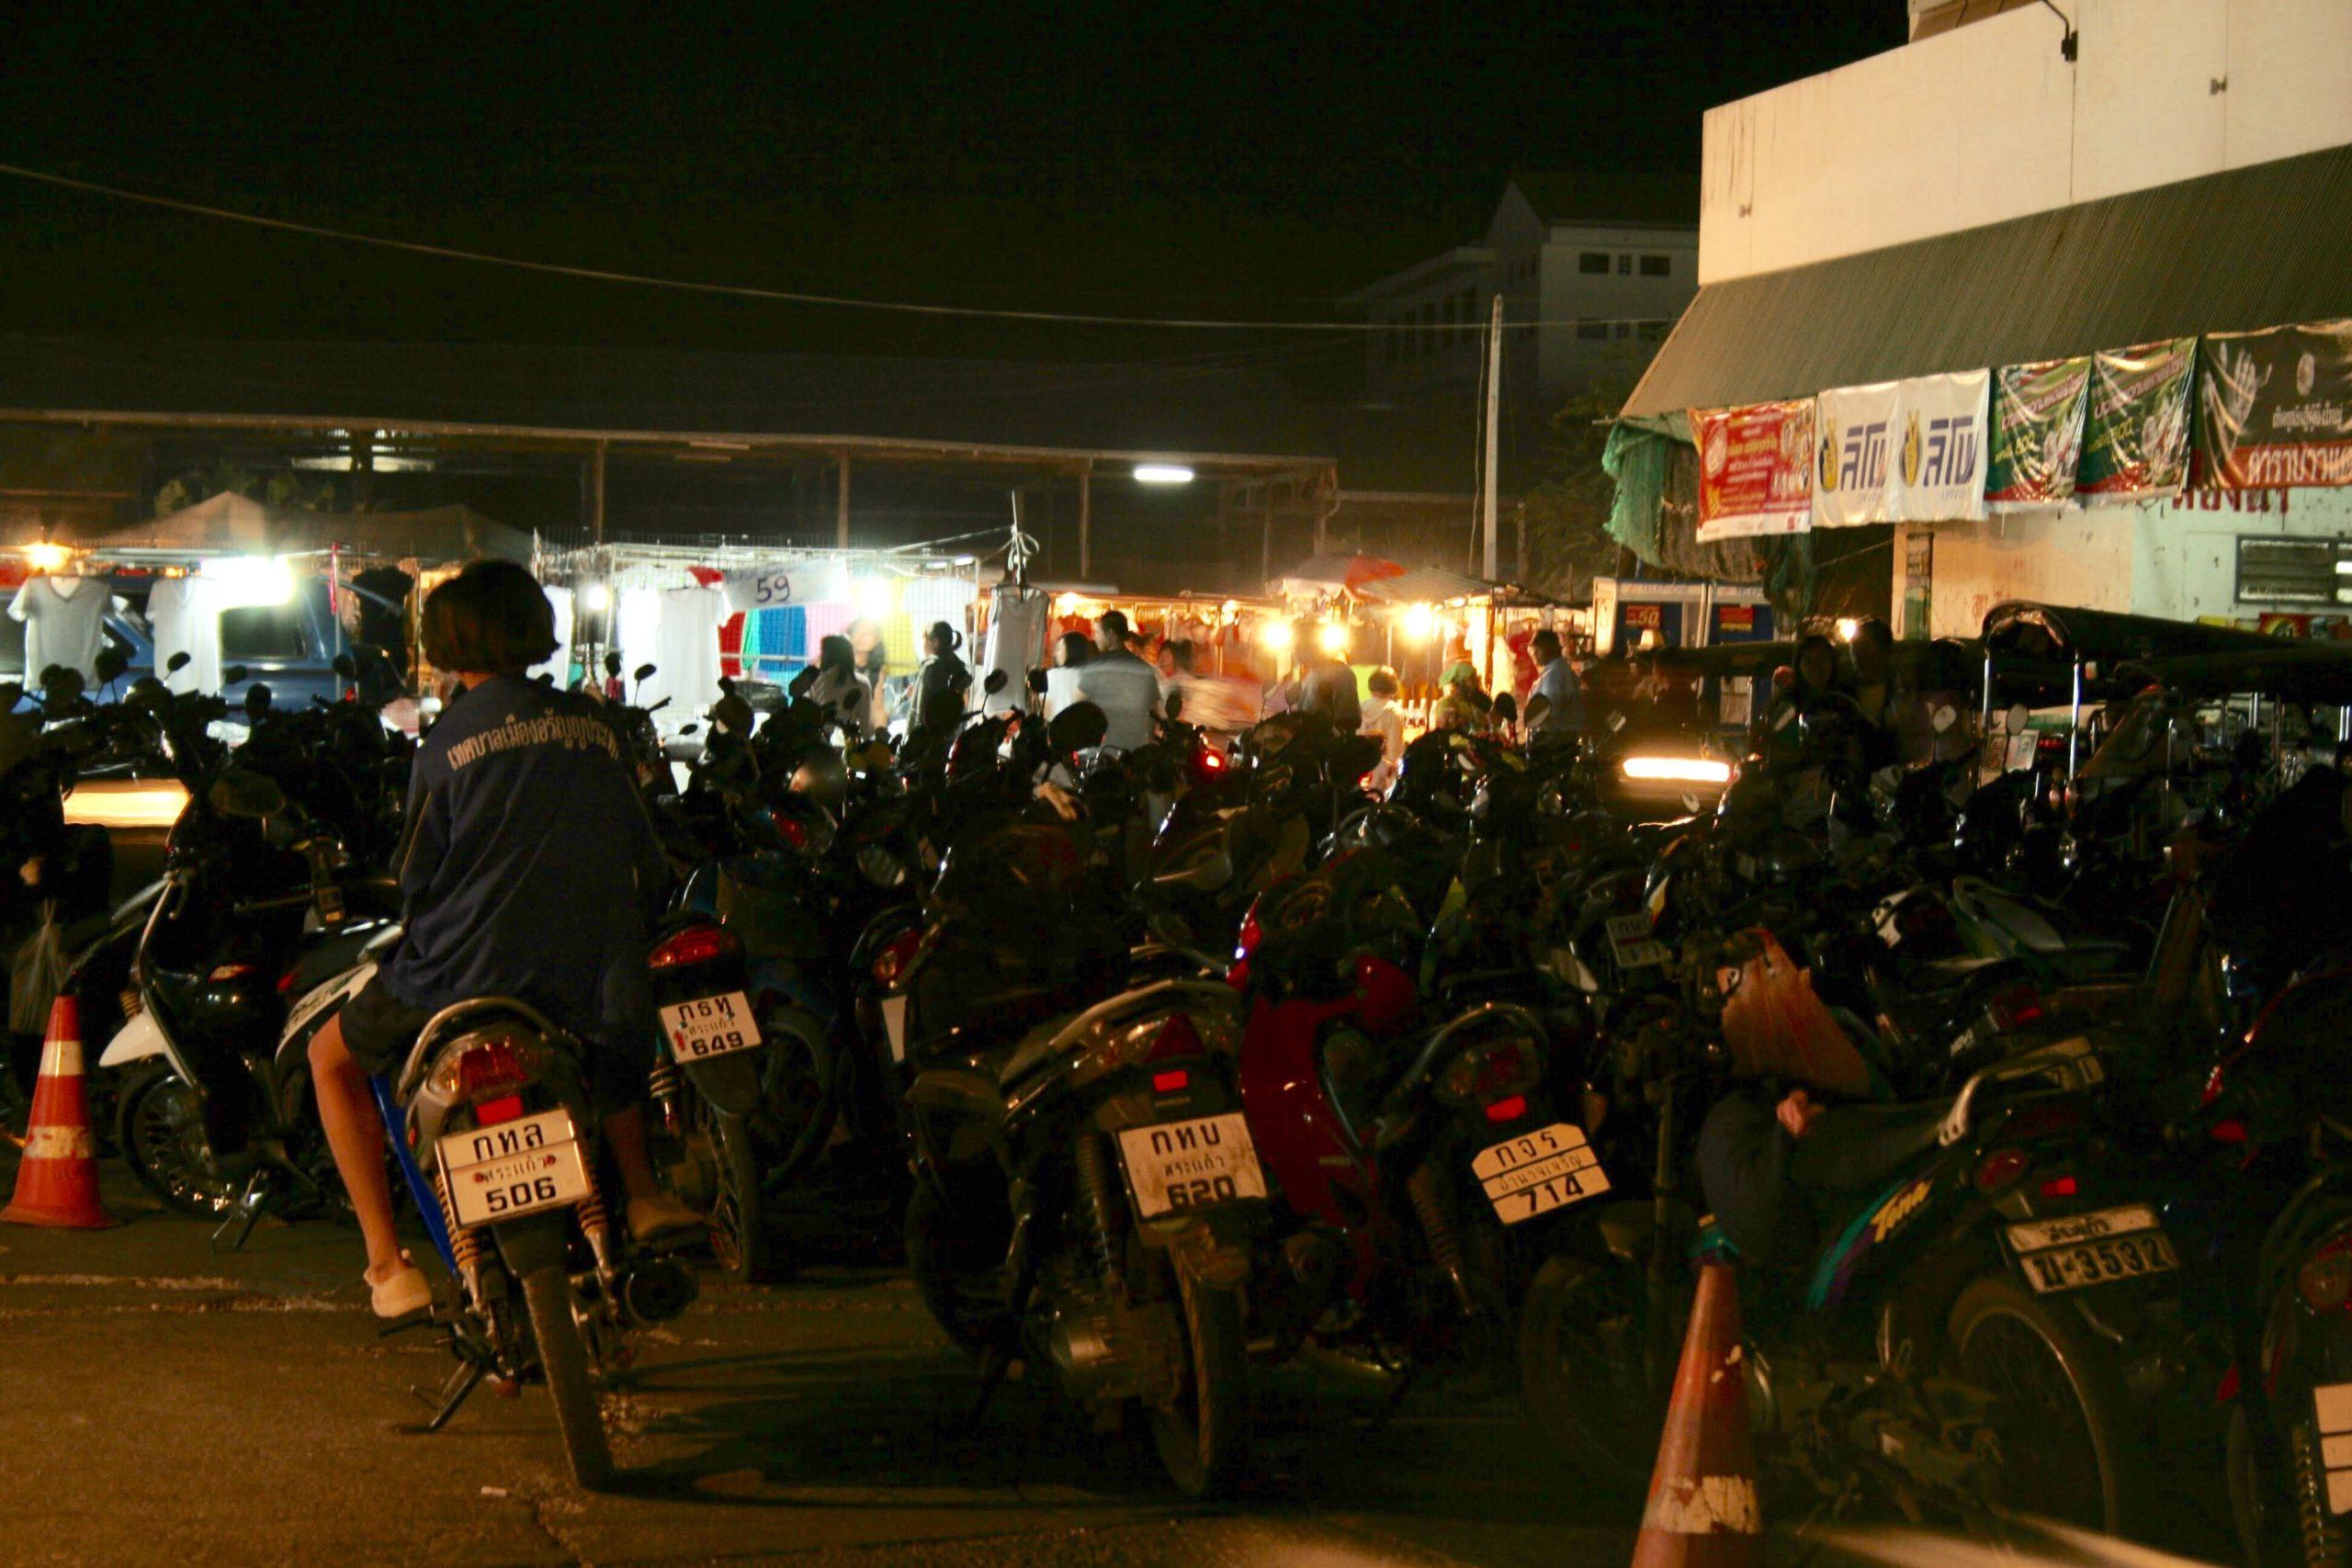 Bangkok'tan Kamboçya Sınırına Tayland-Aran Çekirge Sürüsü Gibi Motosikletler